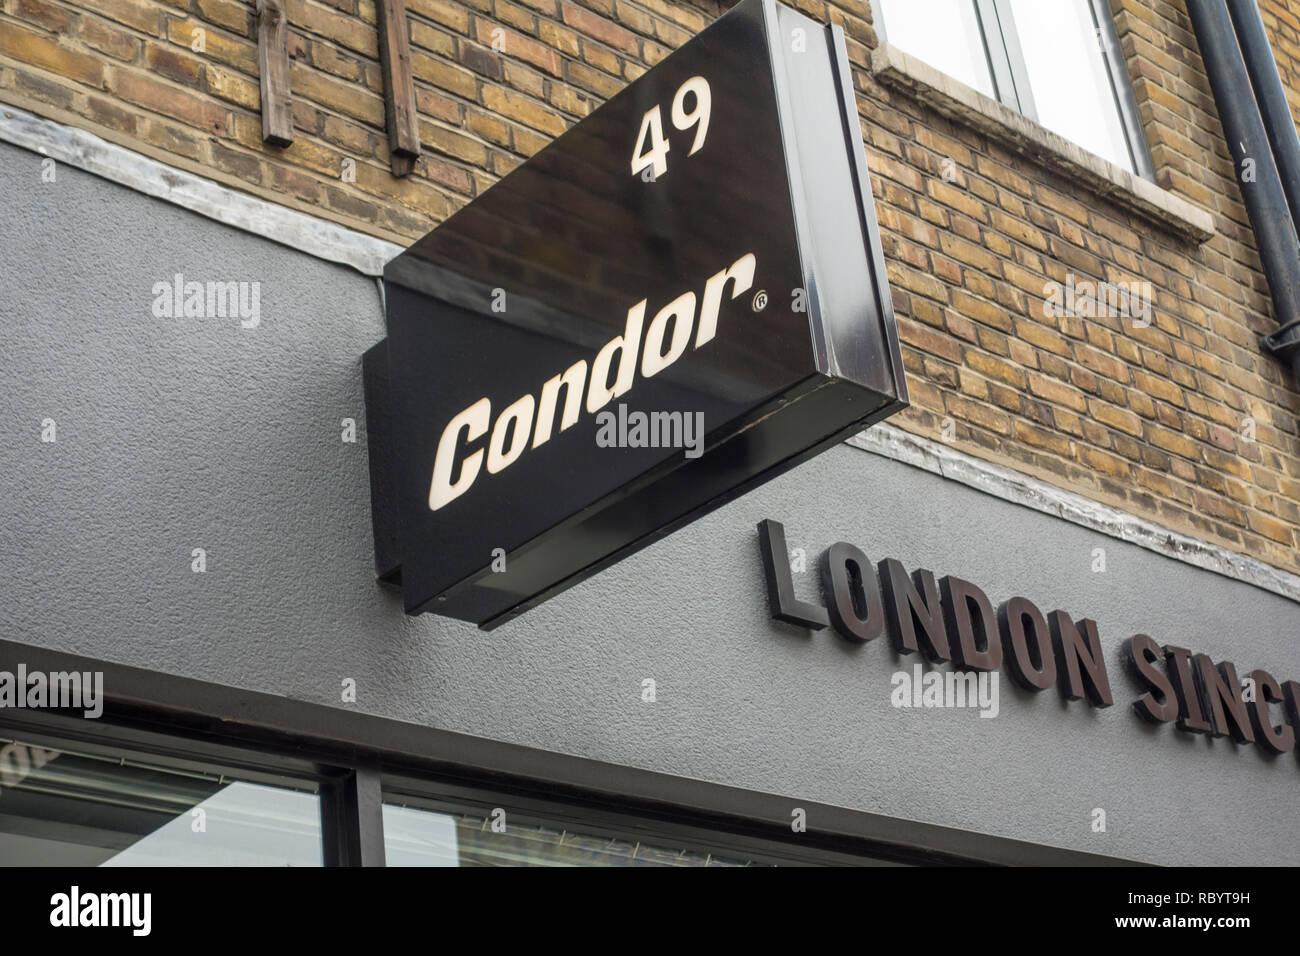 Condor bicicletas tienda en Londres, Reino Unido Imagen De Stock